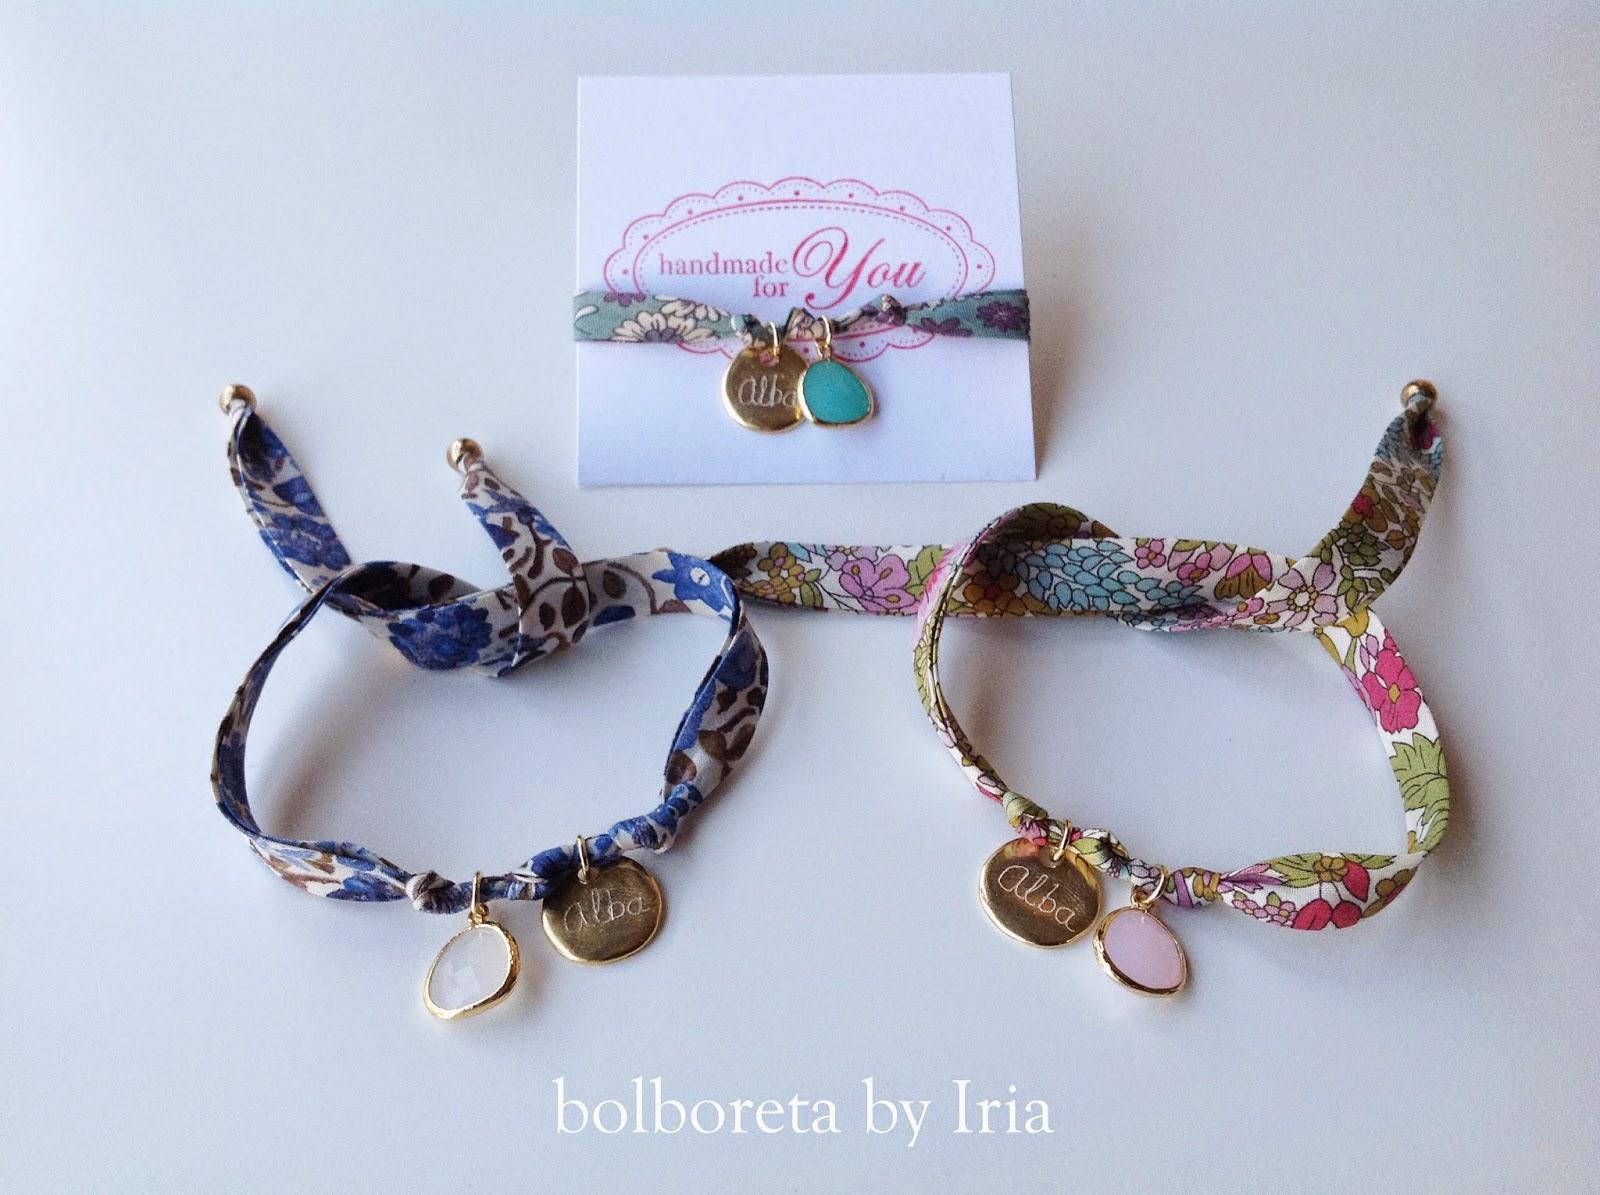 43389e5b07c9 Bolboreta by Iria (complementos)  Pulseras de cinta liberty ...